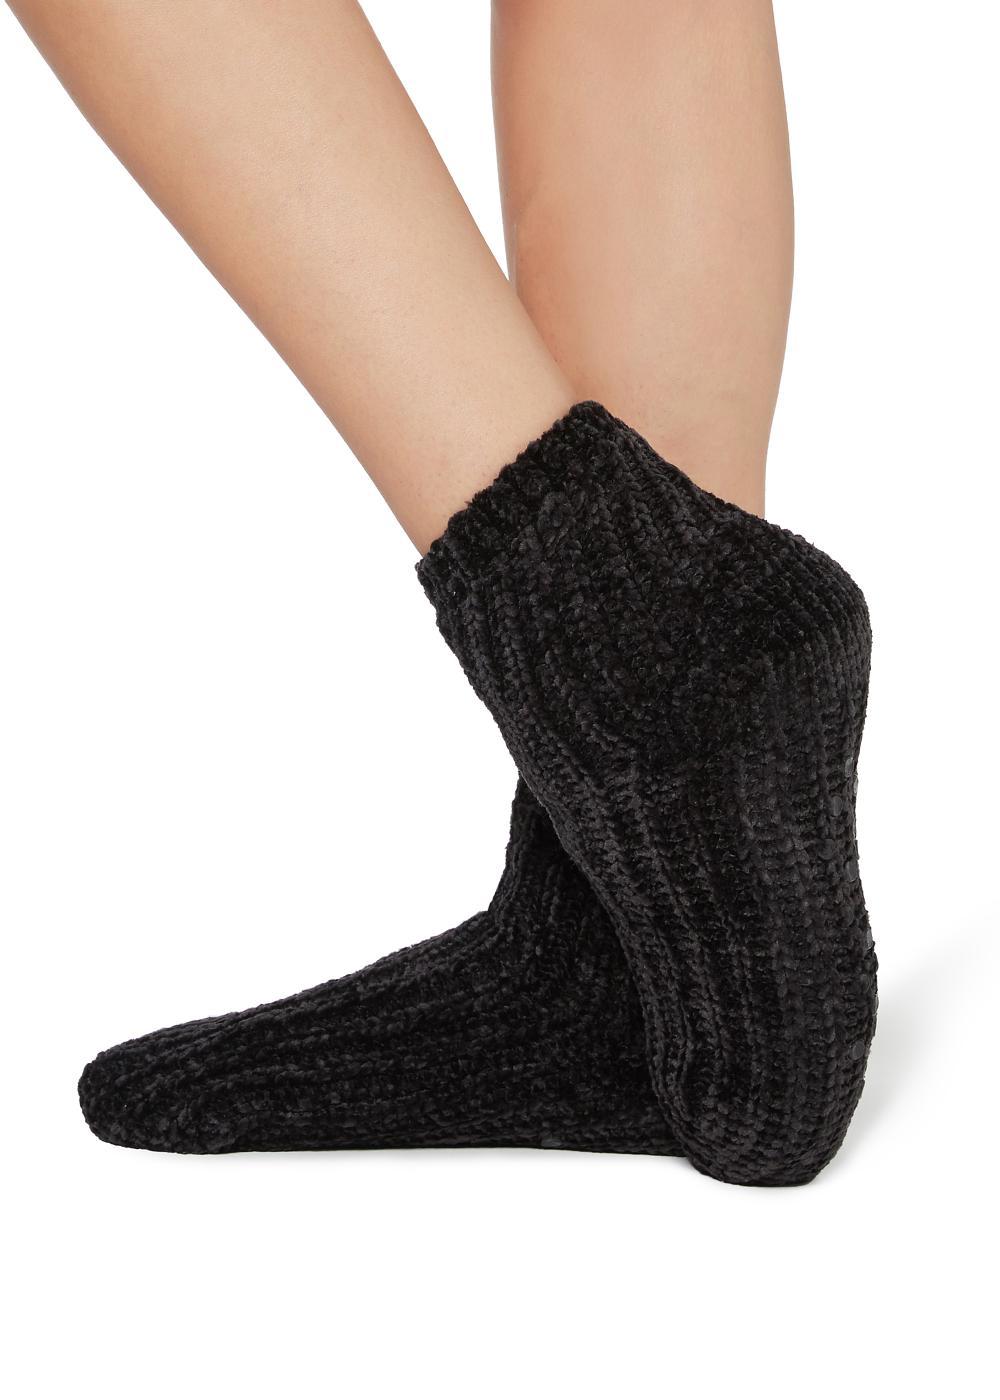 Soft Non-Slip Socks